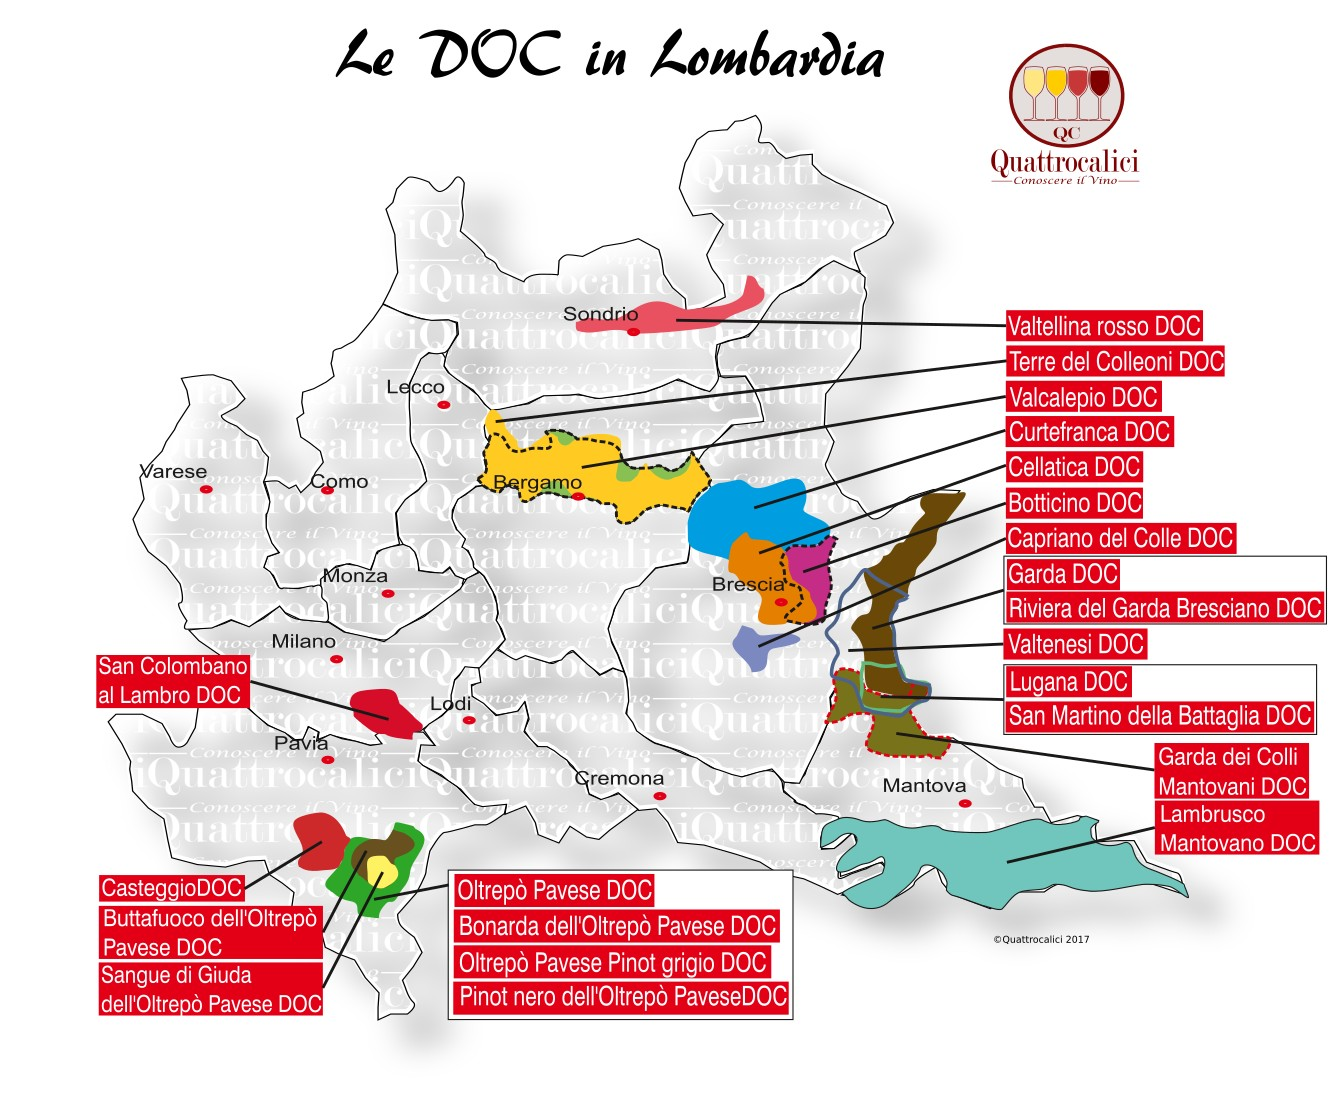 Mappa Denominazioni DOC Le Denominazioni di Origine in Lombardia